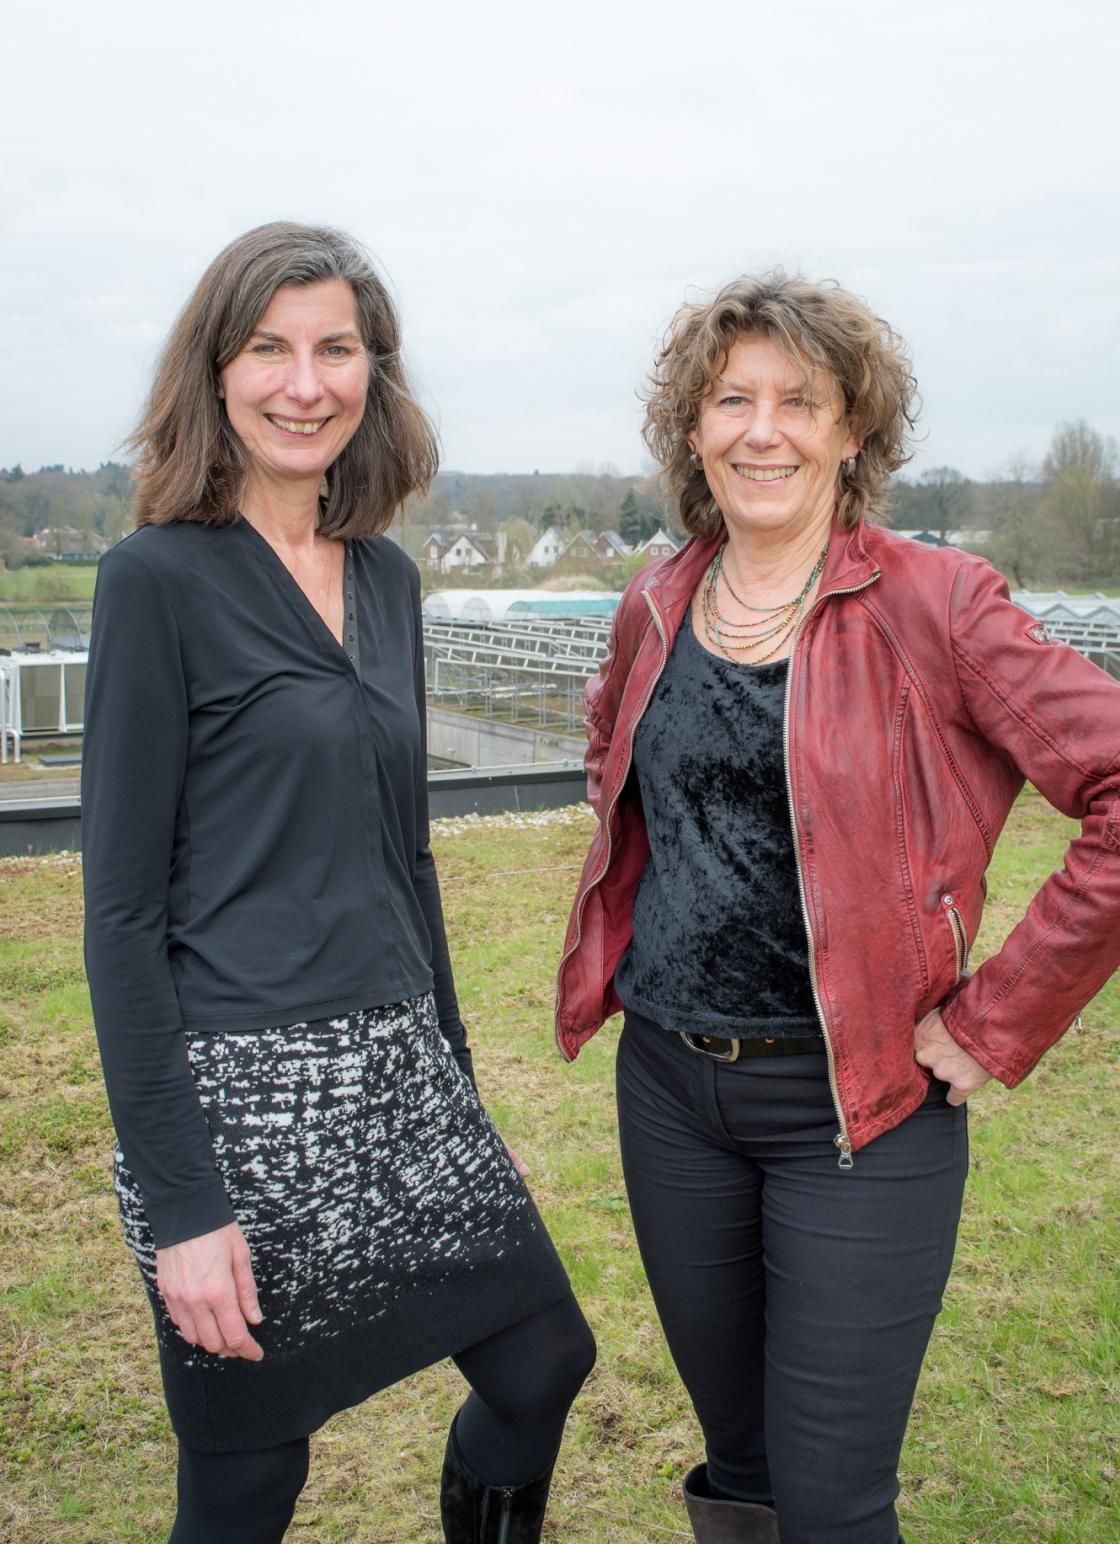 Anne-Marie Bor (NextGreen) en Carleen Mesters (Stroom en Onderstroom)